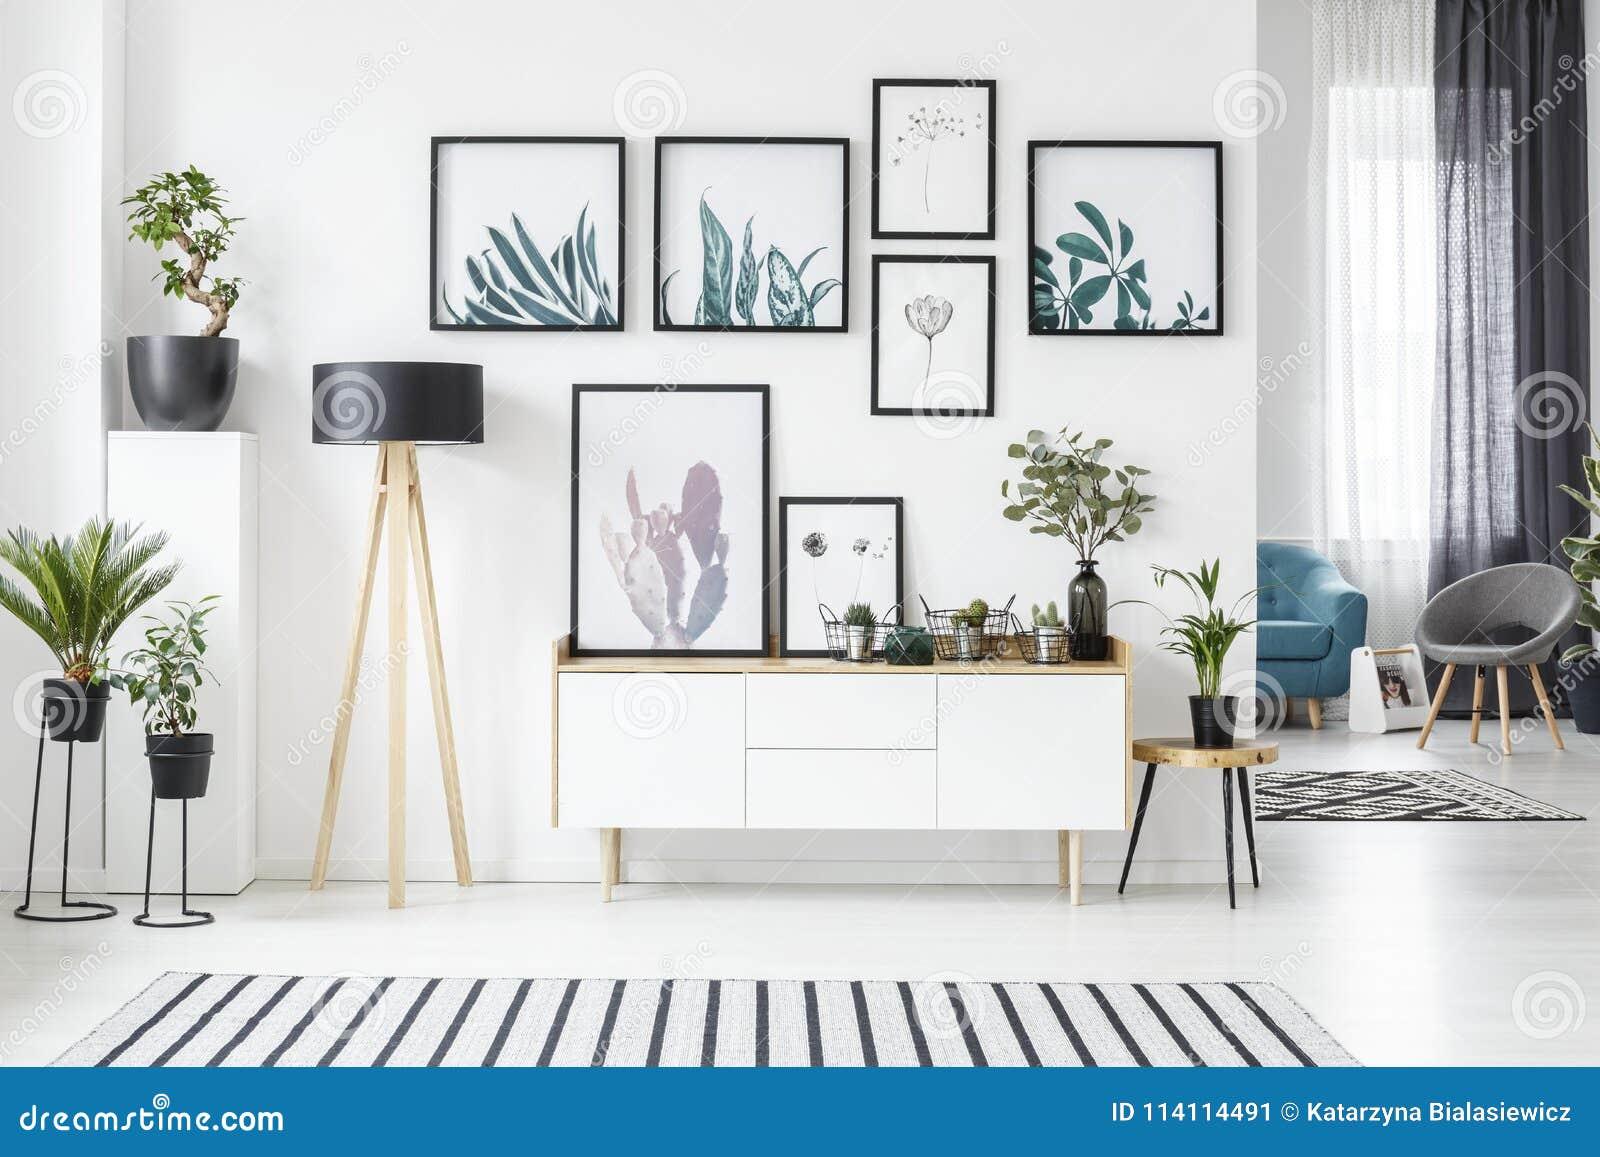 Плакаты в живущей комнате